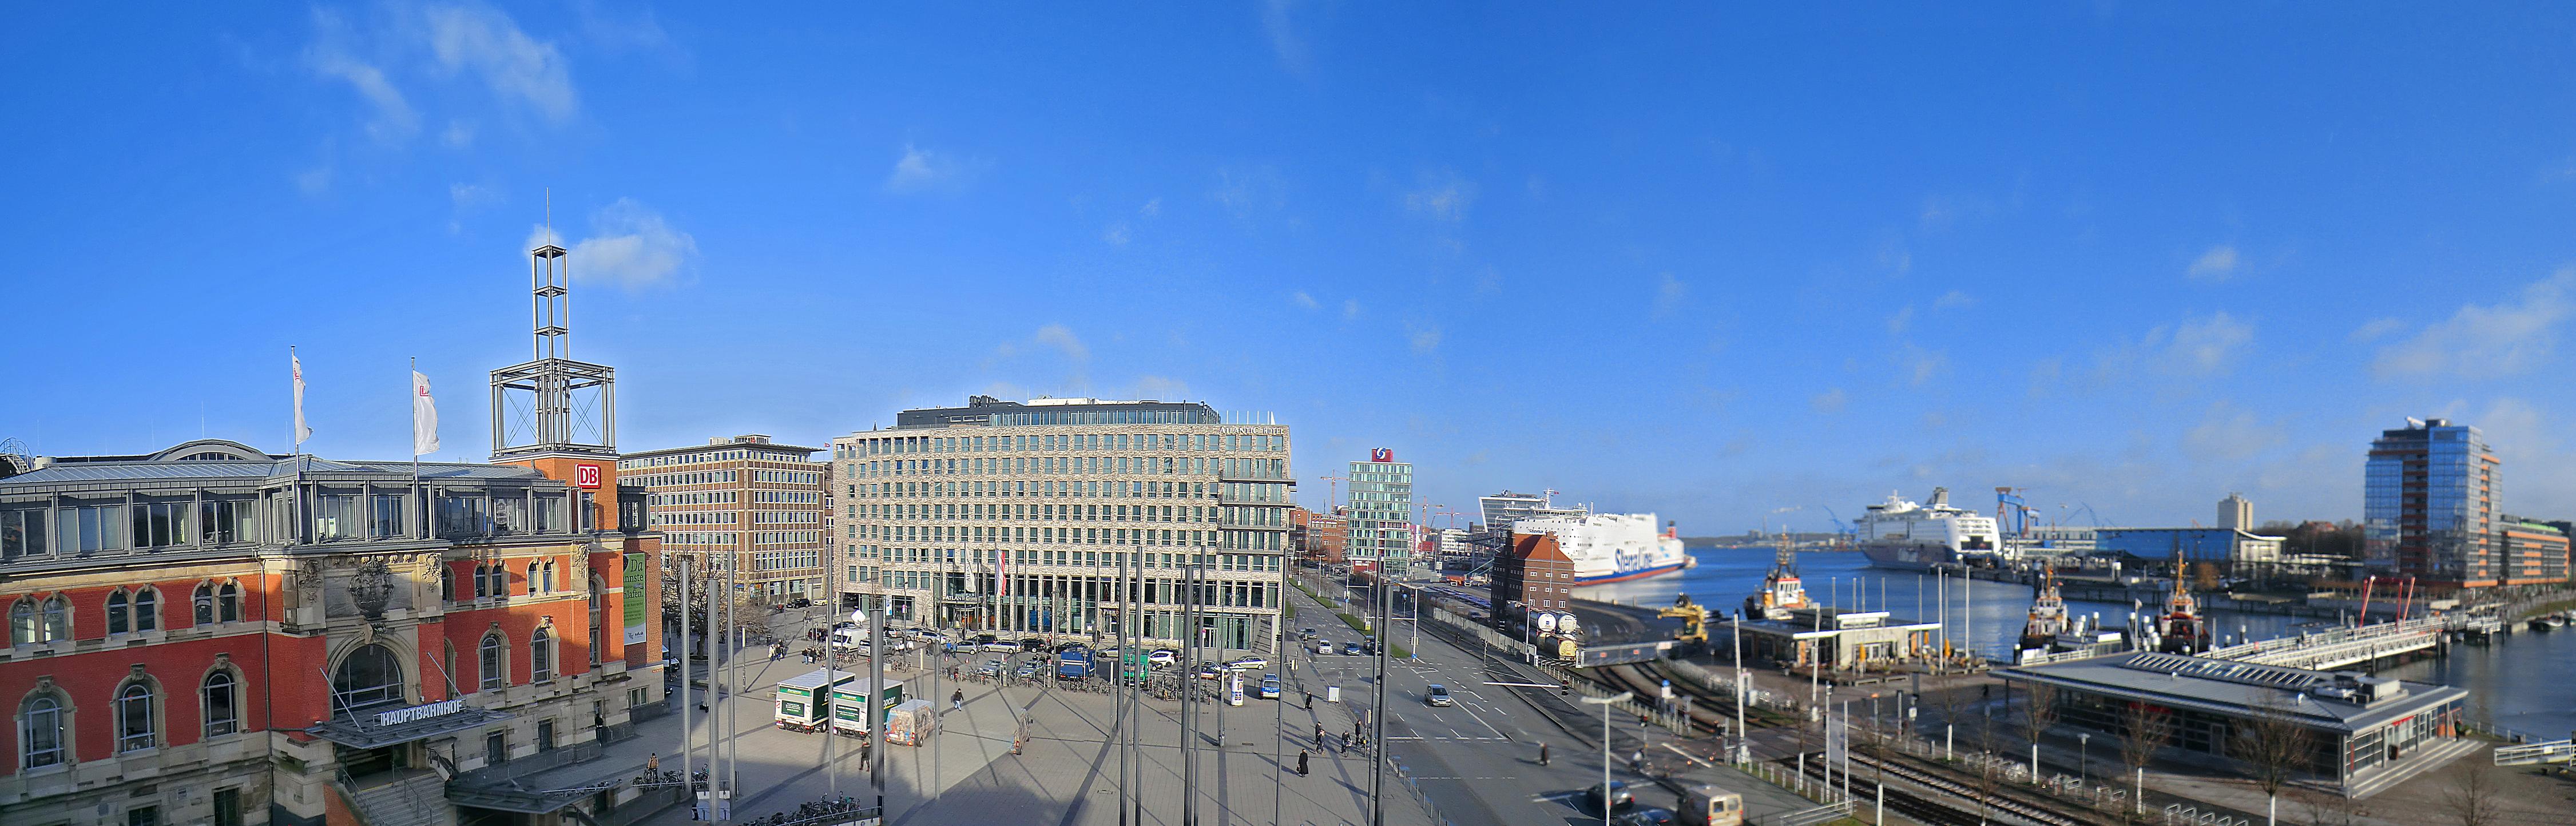 Hamburg Weihnachtsmarkt Hotel